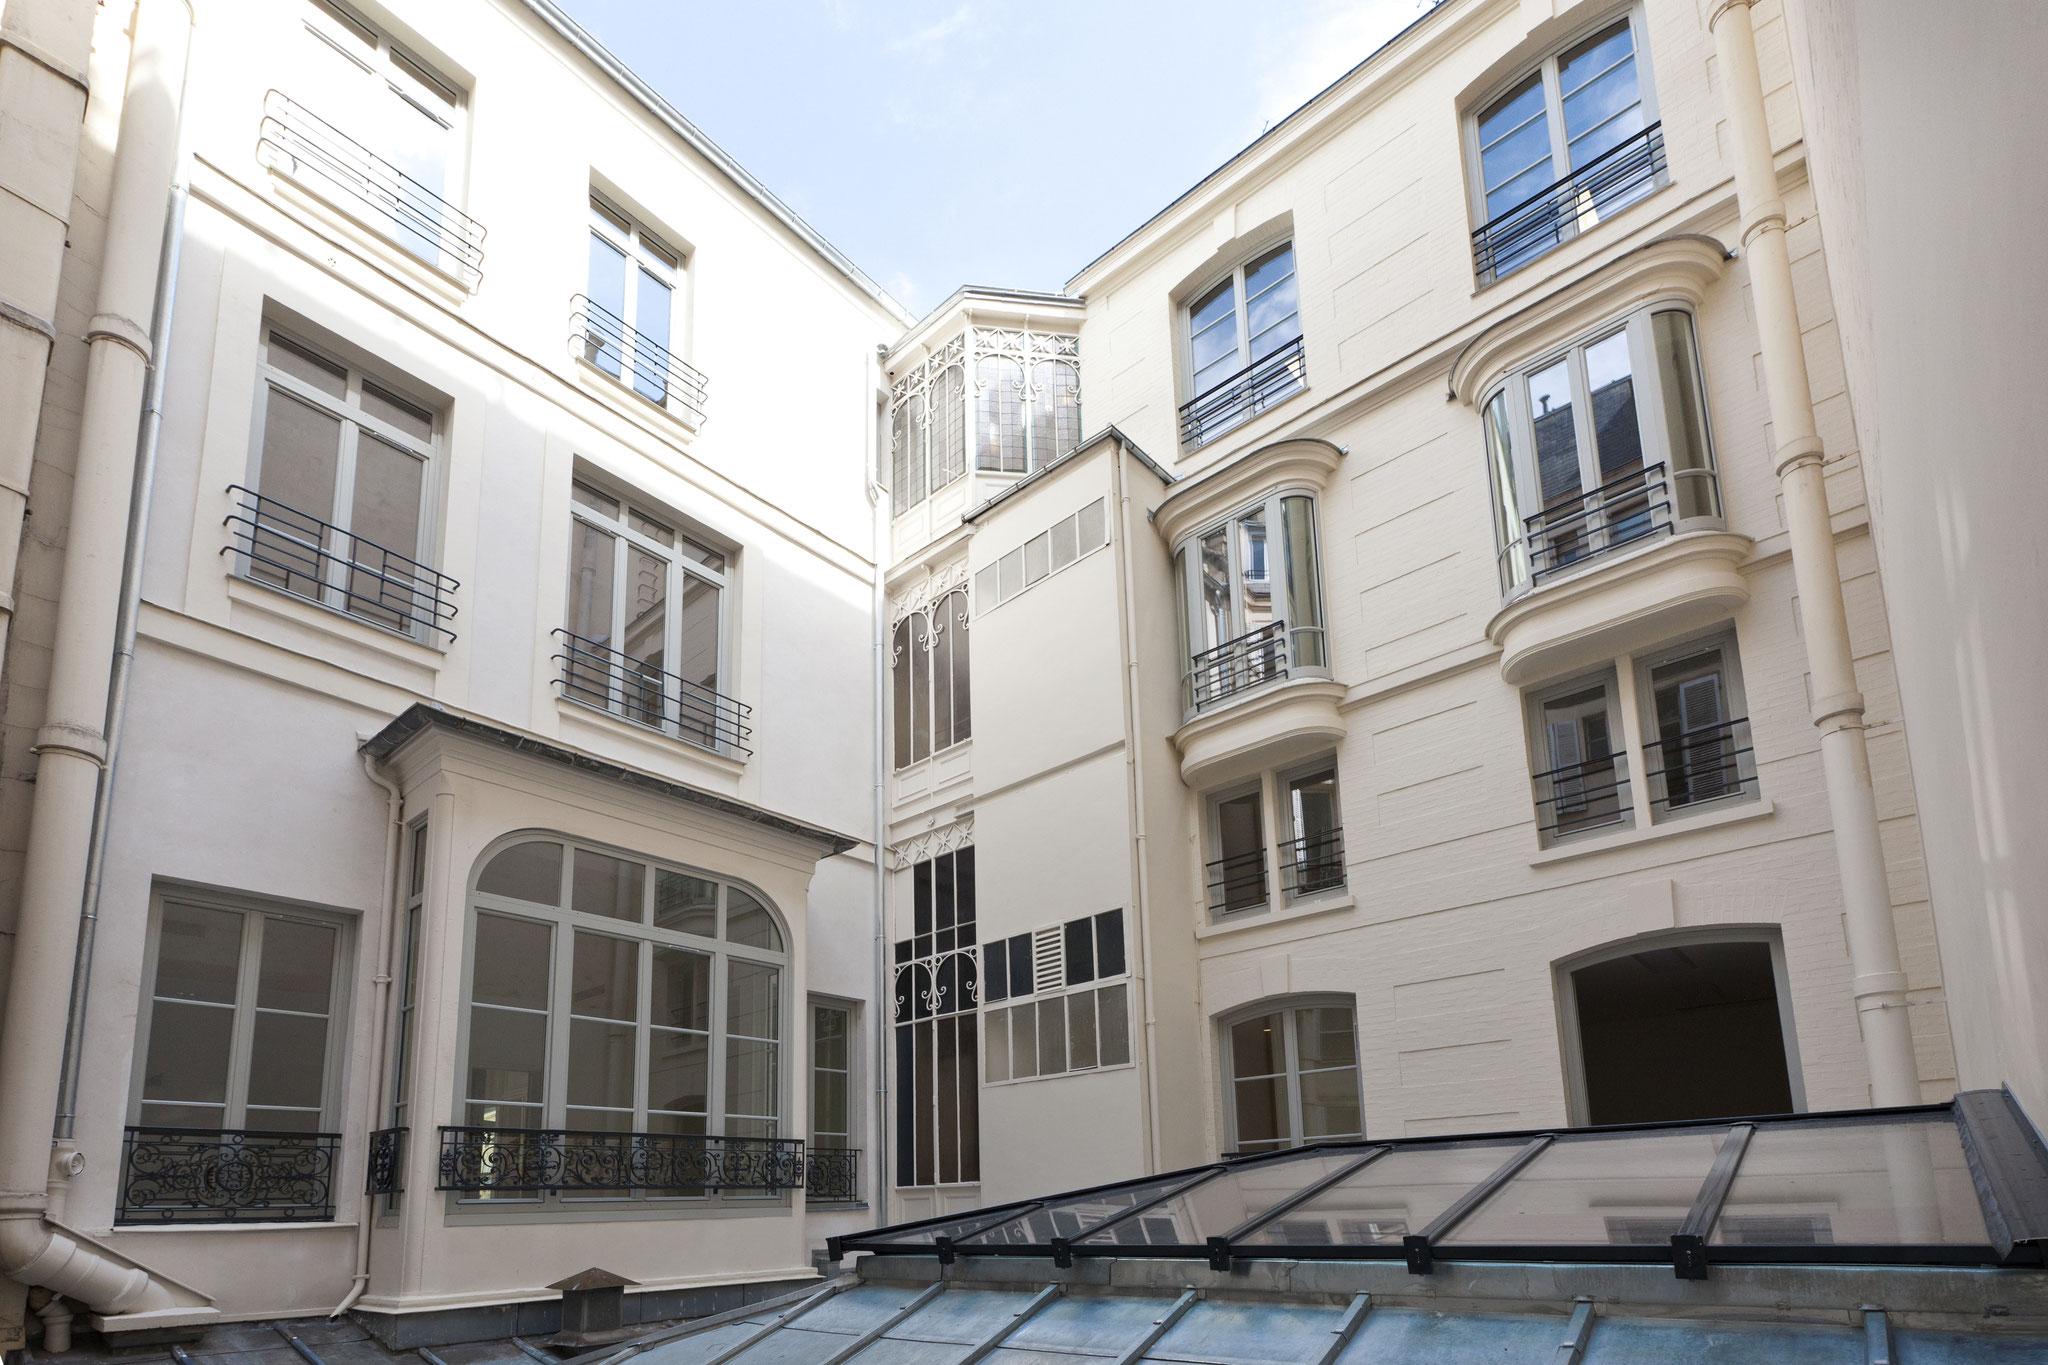 Cour intérieure avec verrière, rue de la Bienfaisance Paris